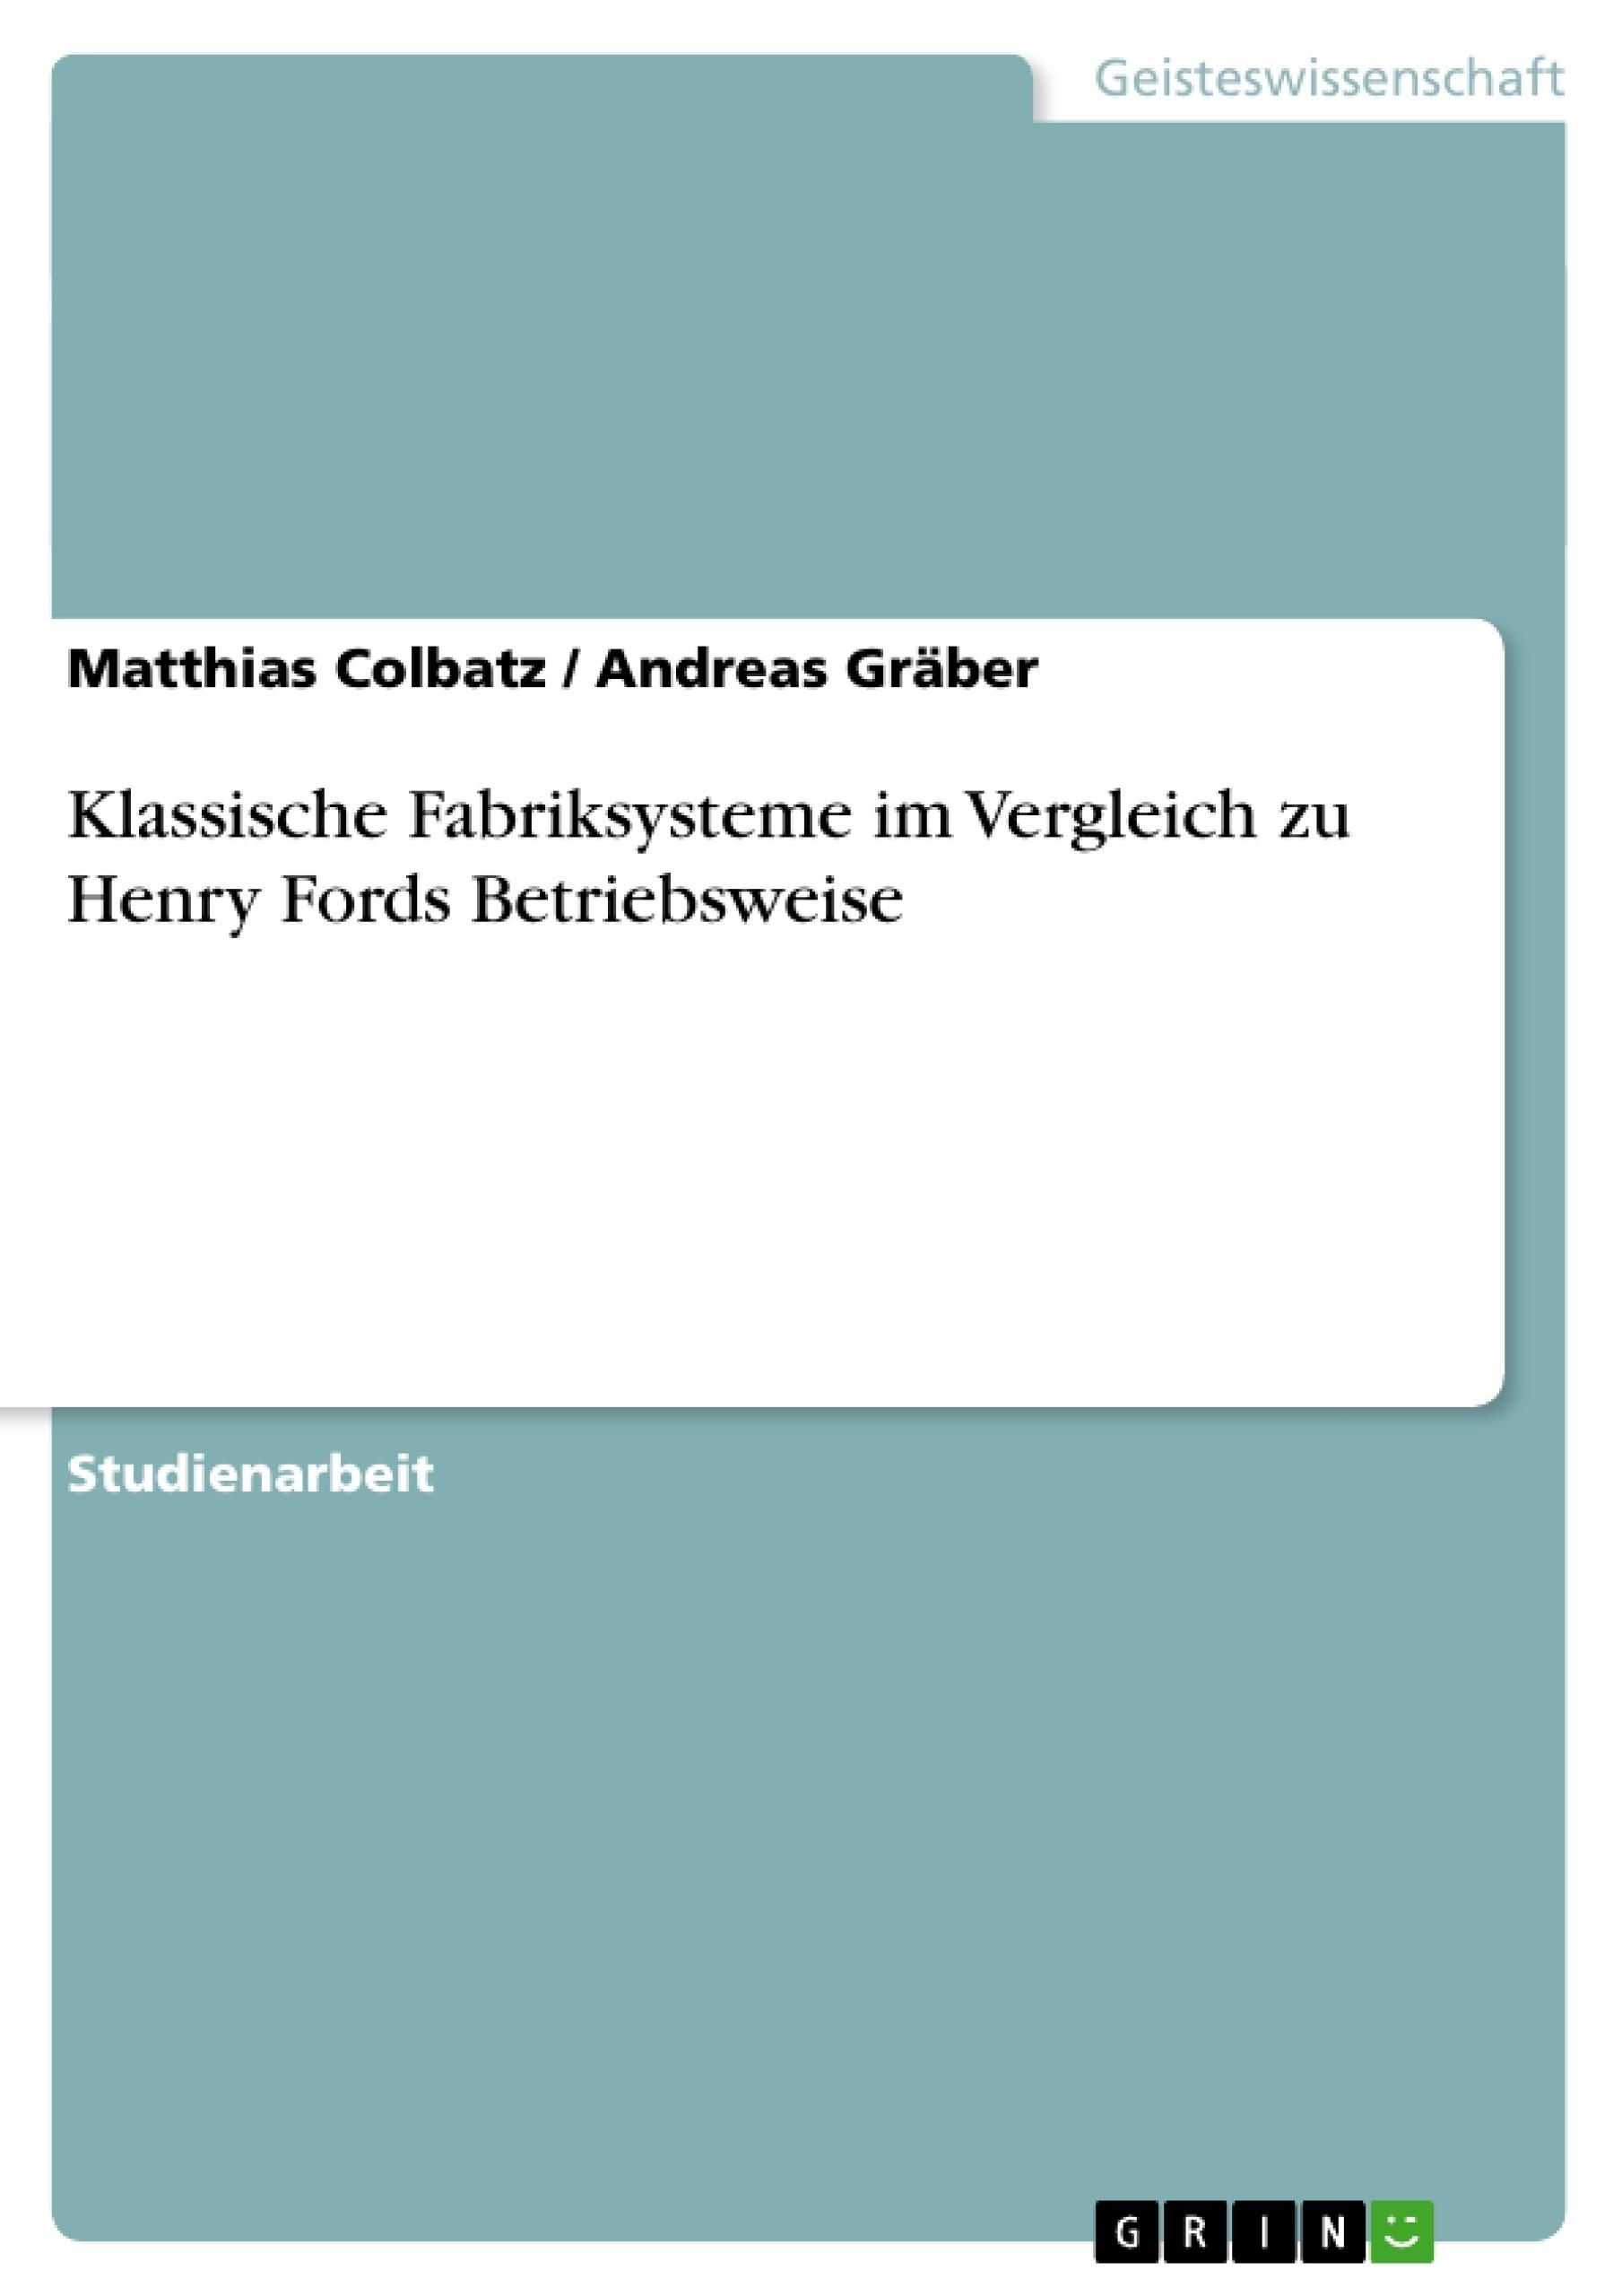 Titel: Klassische Fabriksysteme im Vergleich zu Henry Fords Betriebsweise